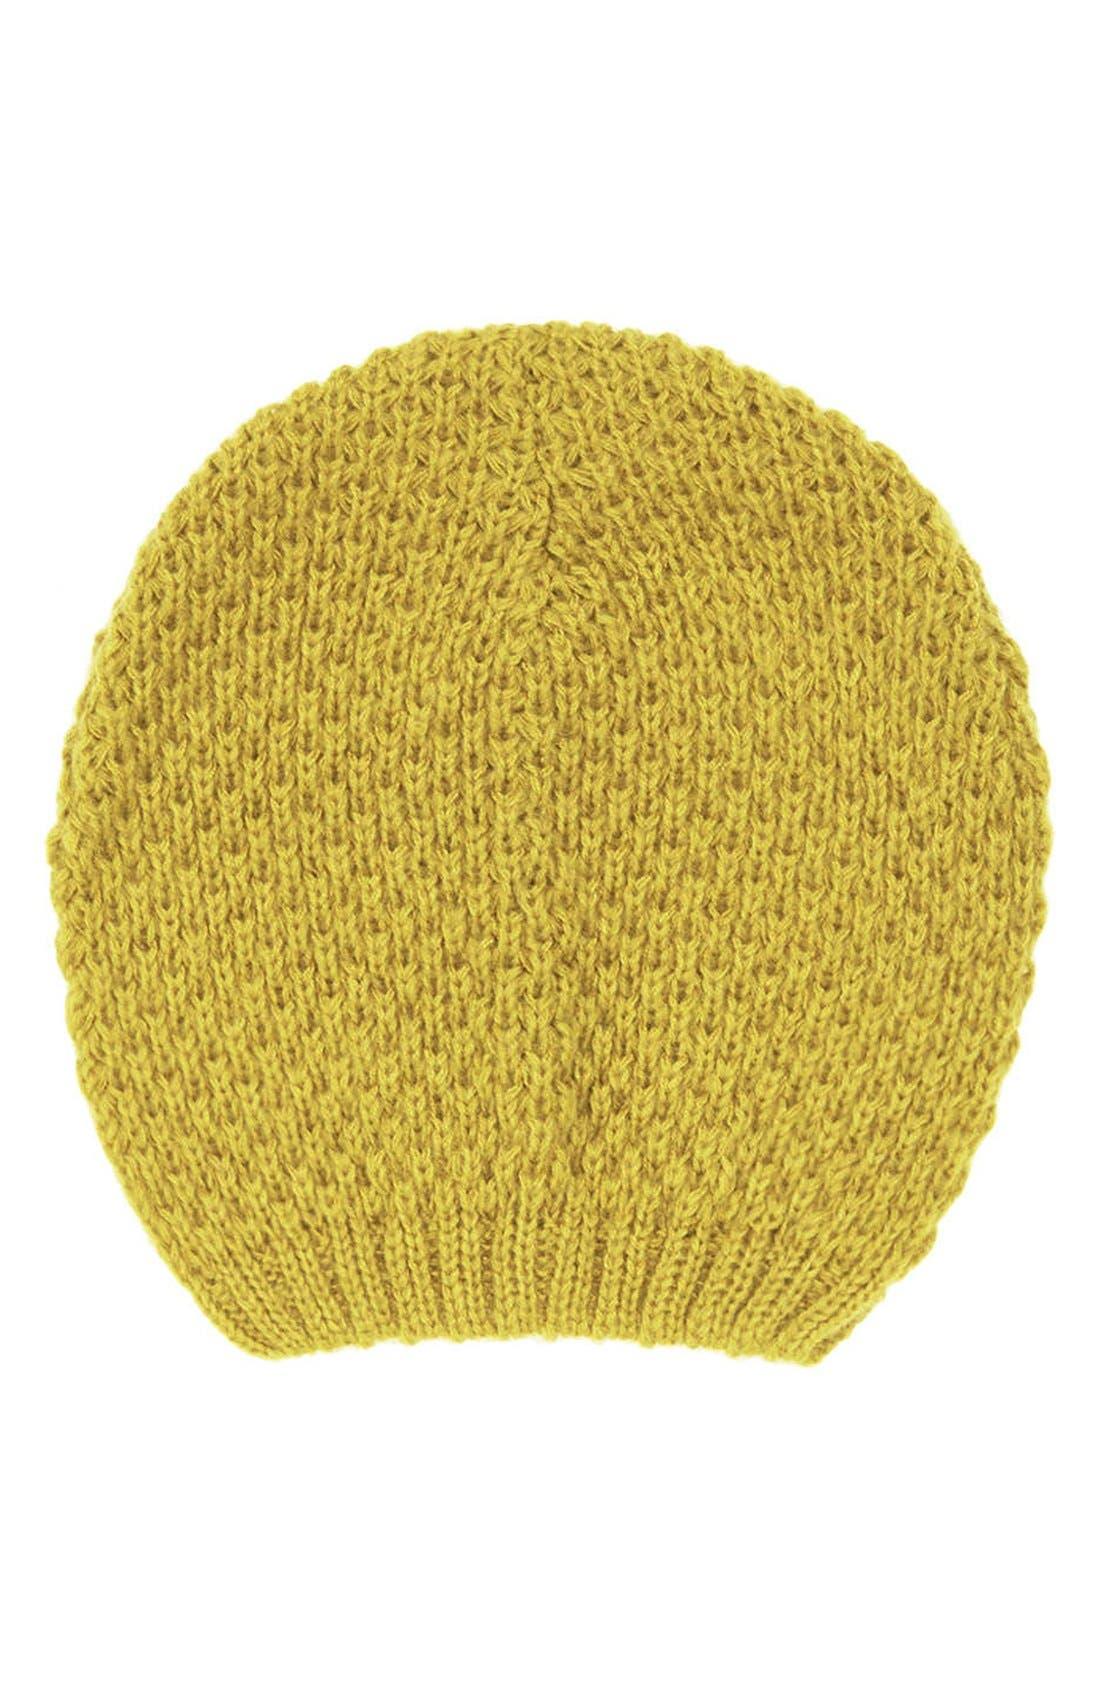 Main Image - Topshop Basket Stitch Beanie